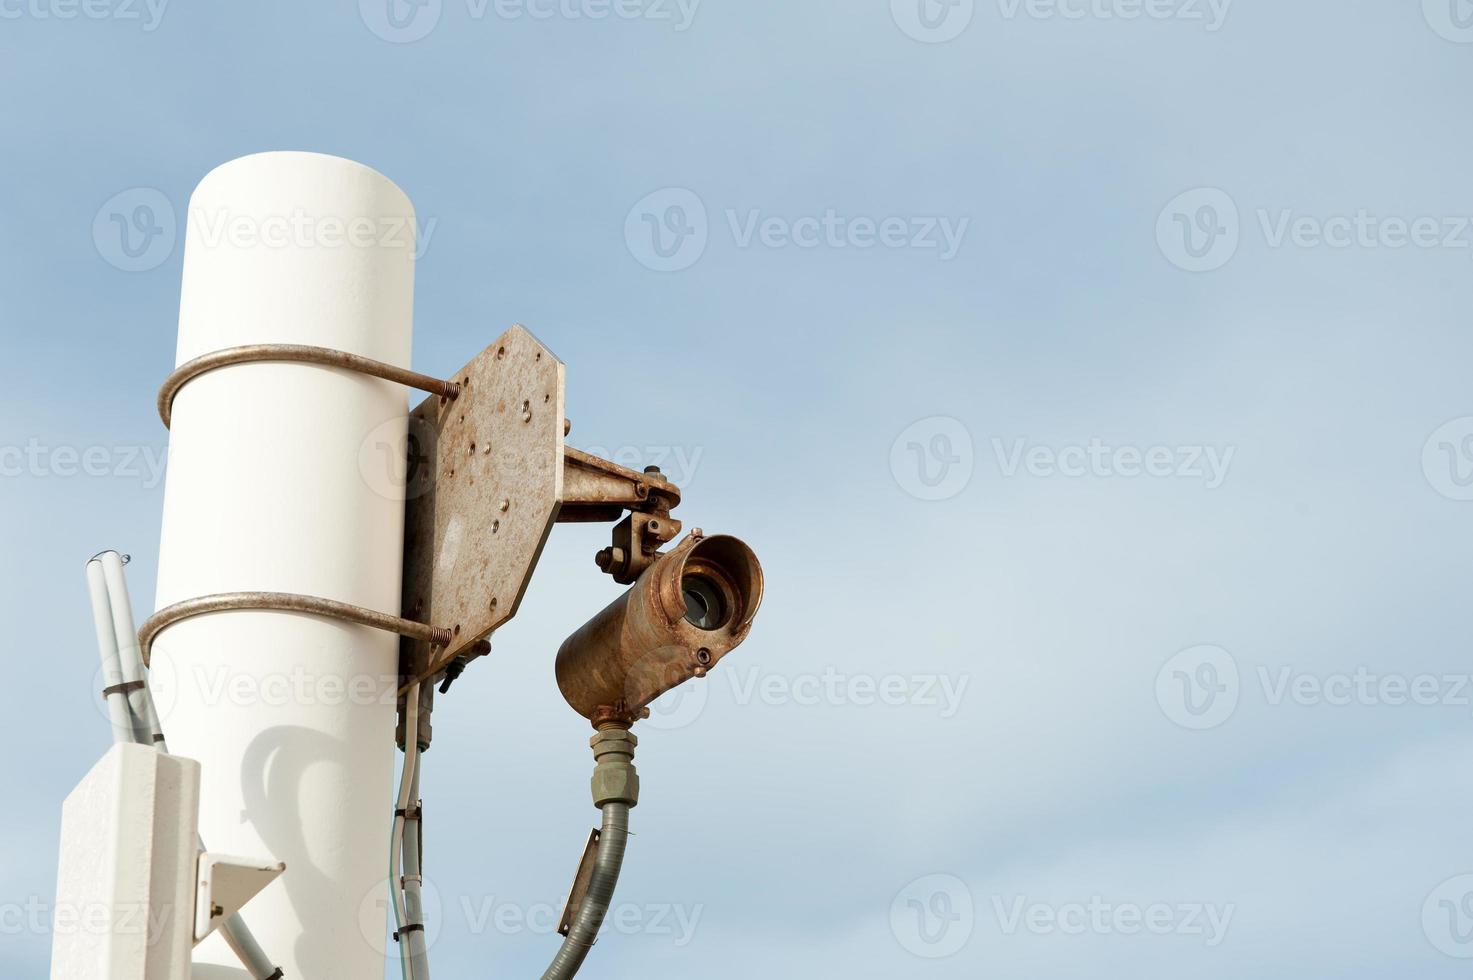 Sensor der Sichtlinie Gasdetektor Vorderansicht foto